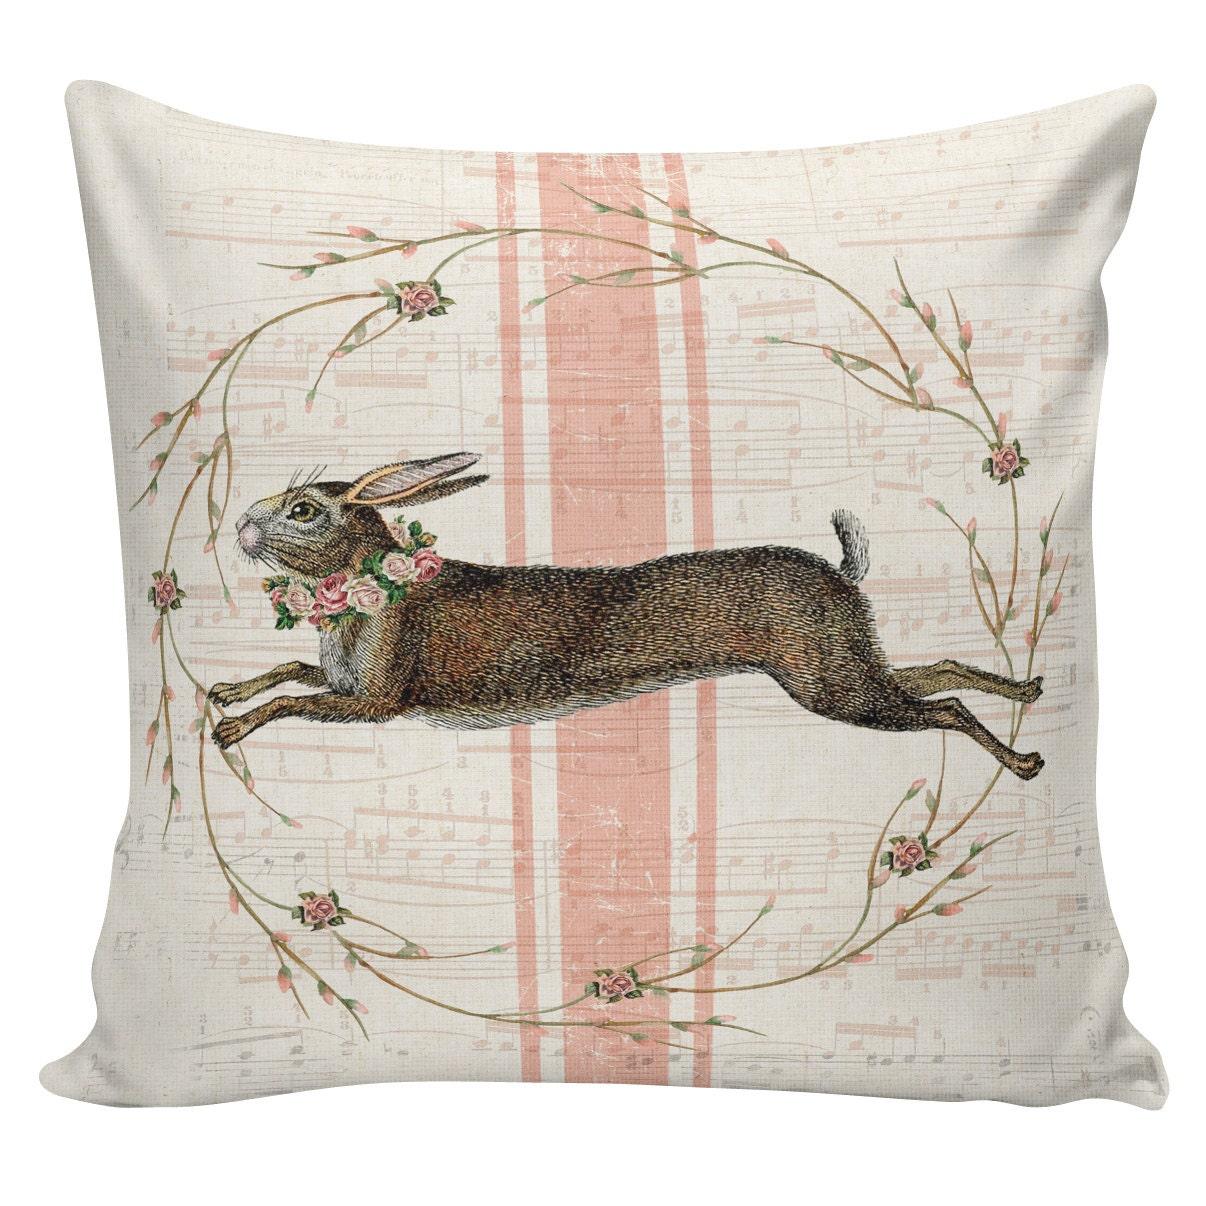 Easter Pillows Bunny Pillows Easter Decor Burlap Pillow Etsy